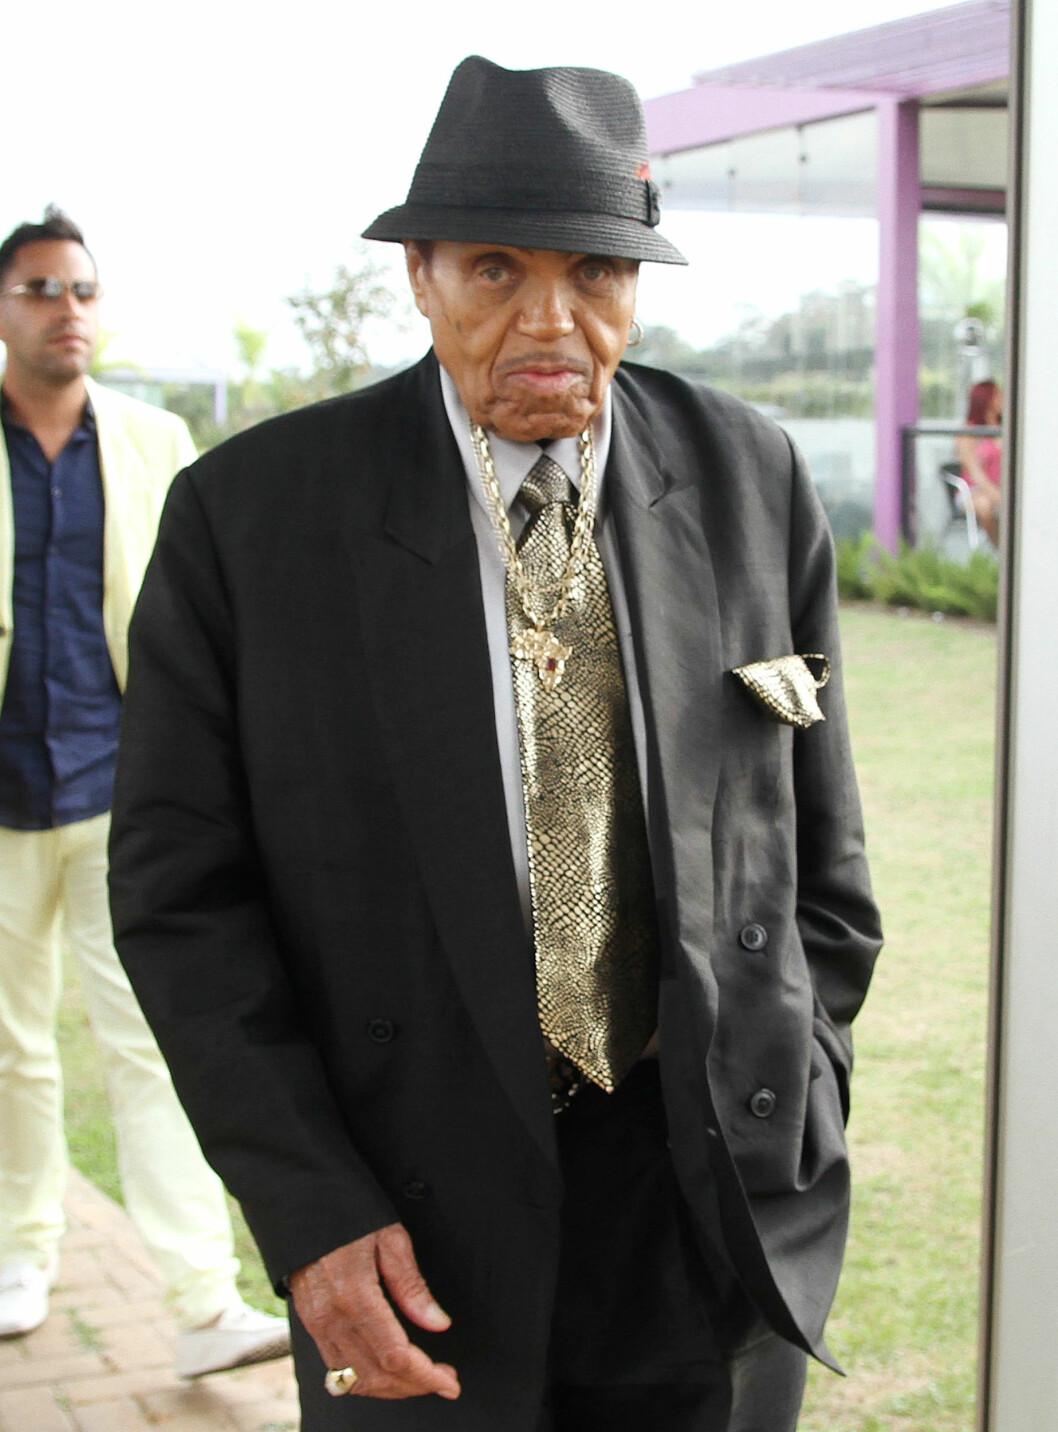 VAR PÅ BEINA: Bare et par dager før slaget som rammet på Jacksons 87-årsdag, besøkte han fotballklubben CT Corinthians i Sao Paulo. Foto: Splash News